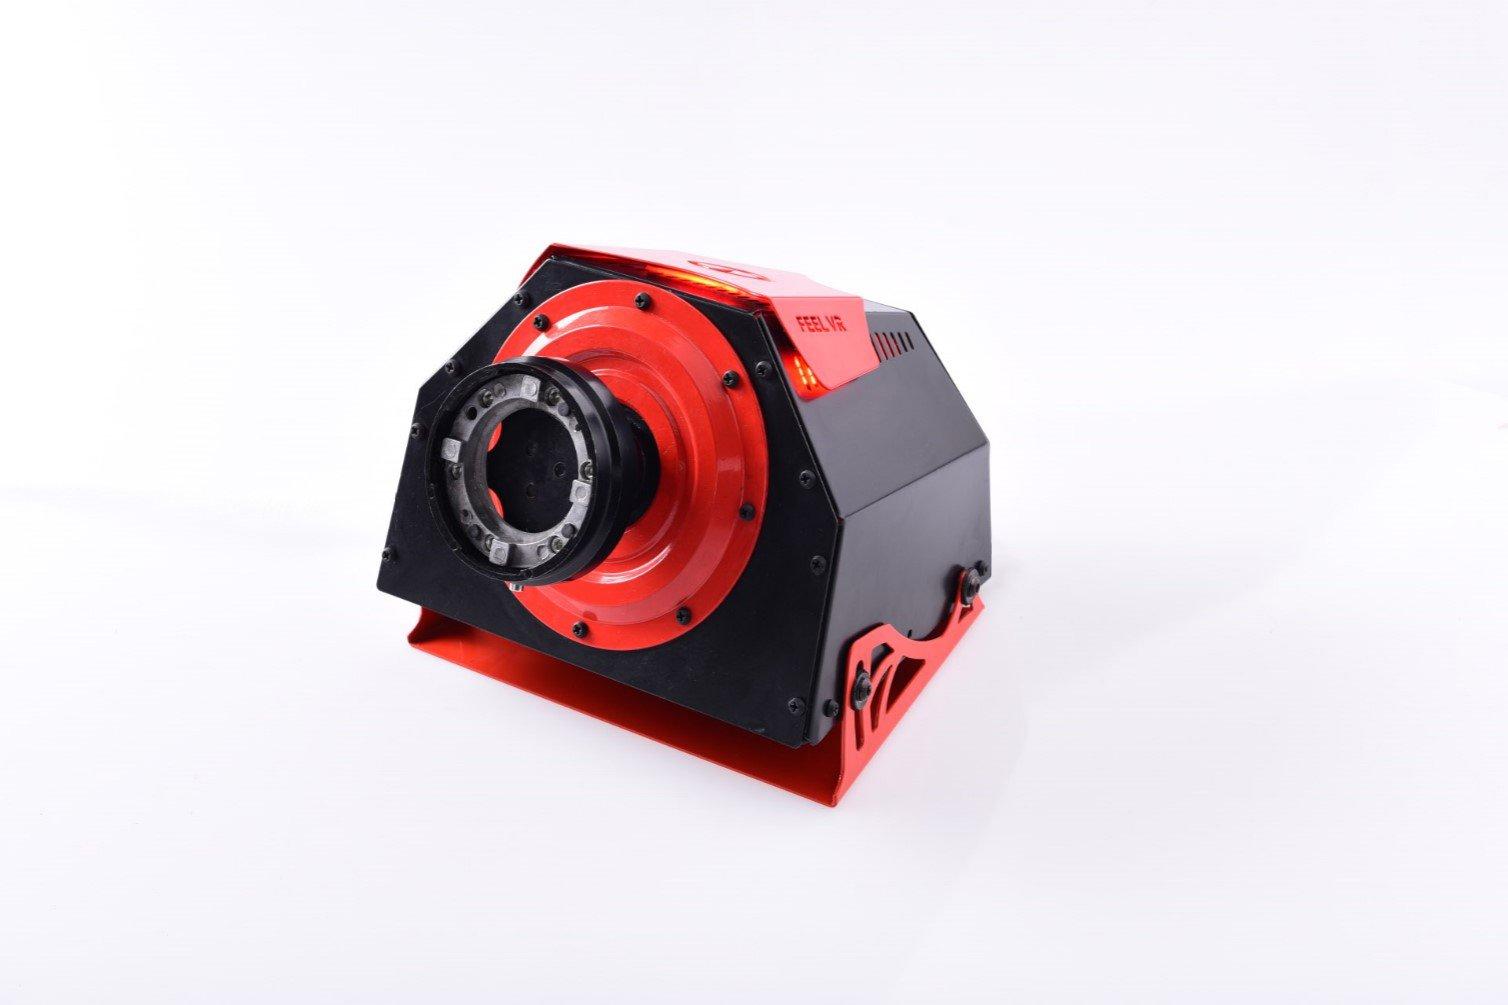 FeelVR wheel base